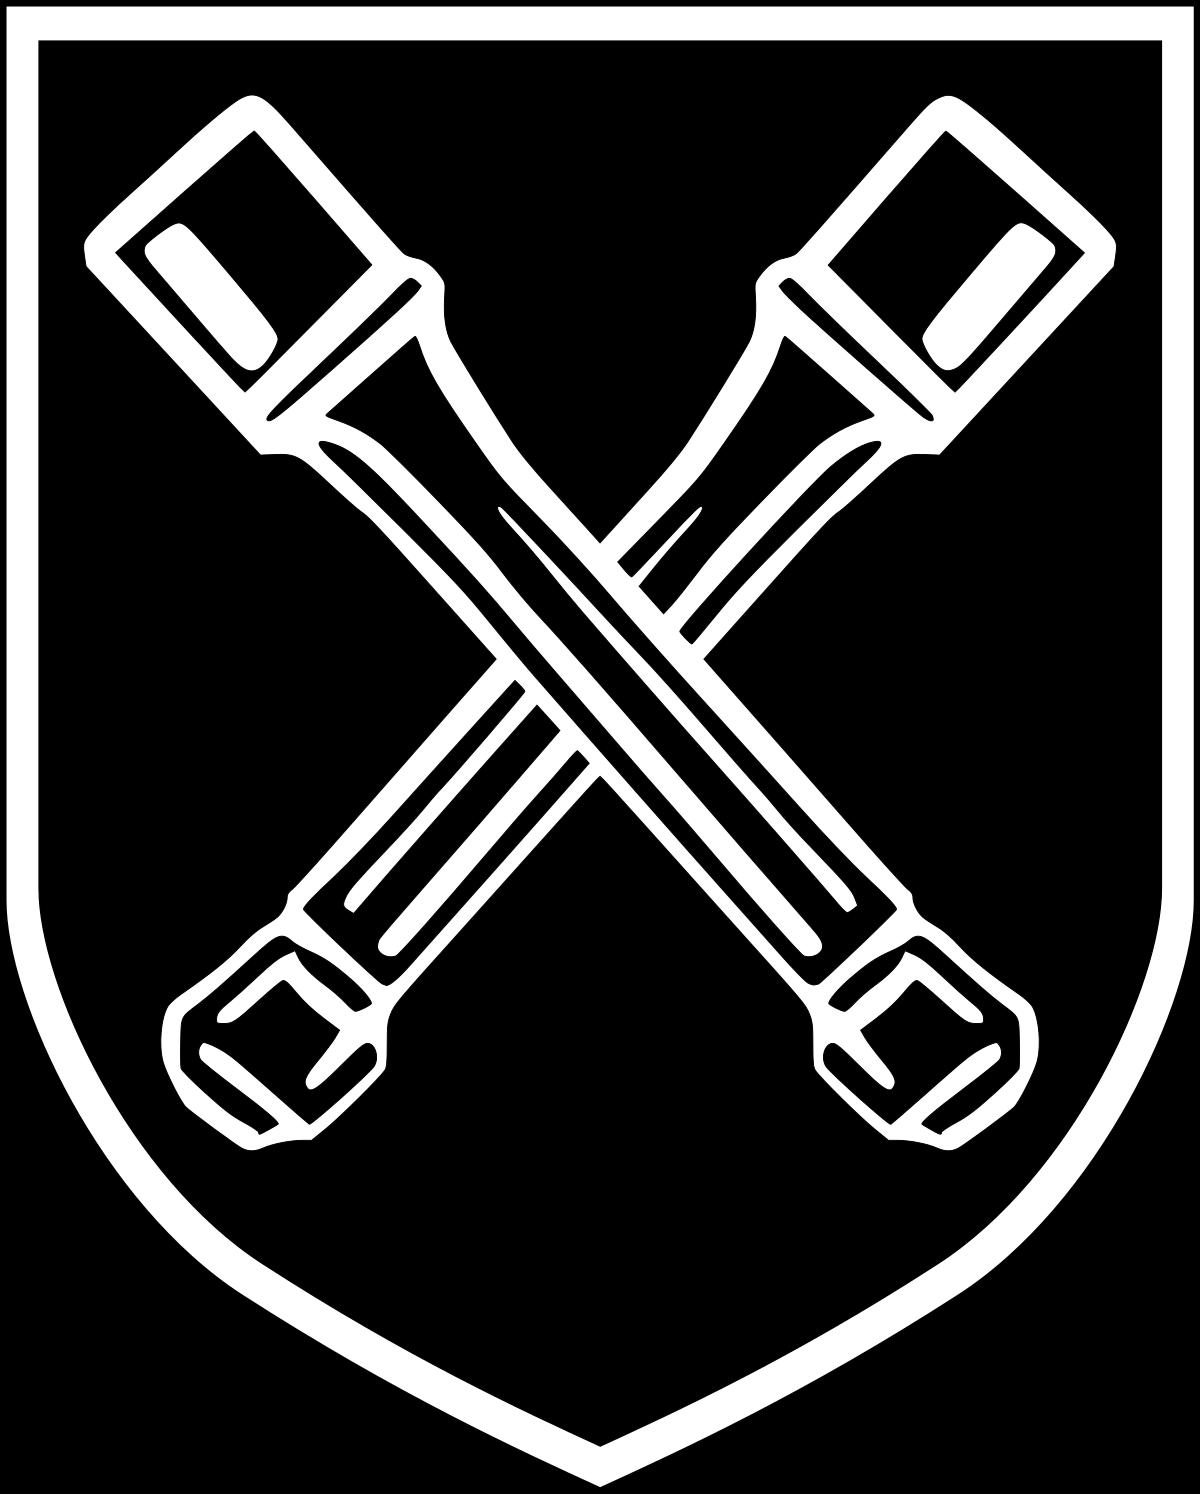 Отличительные знаки подразделения Дирлевангера.